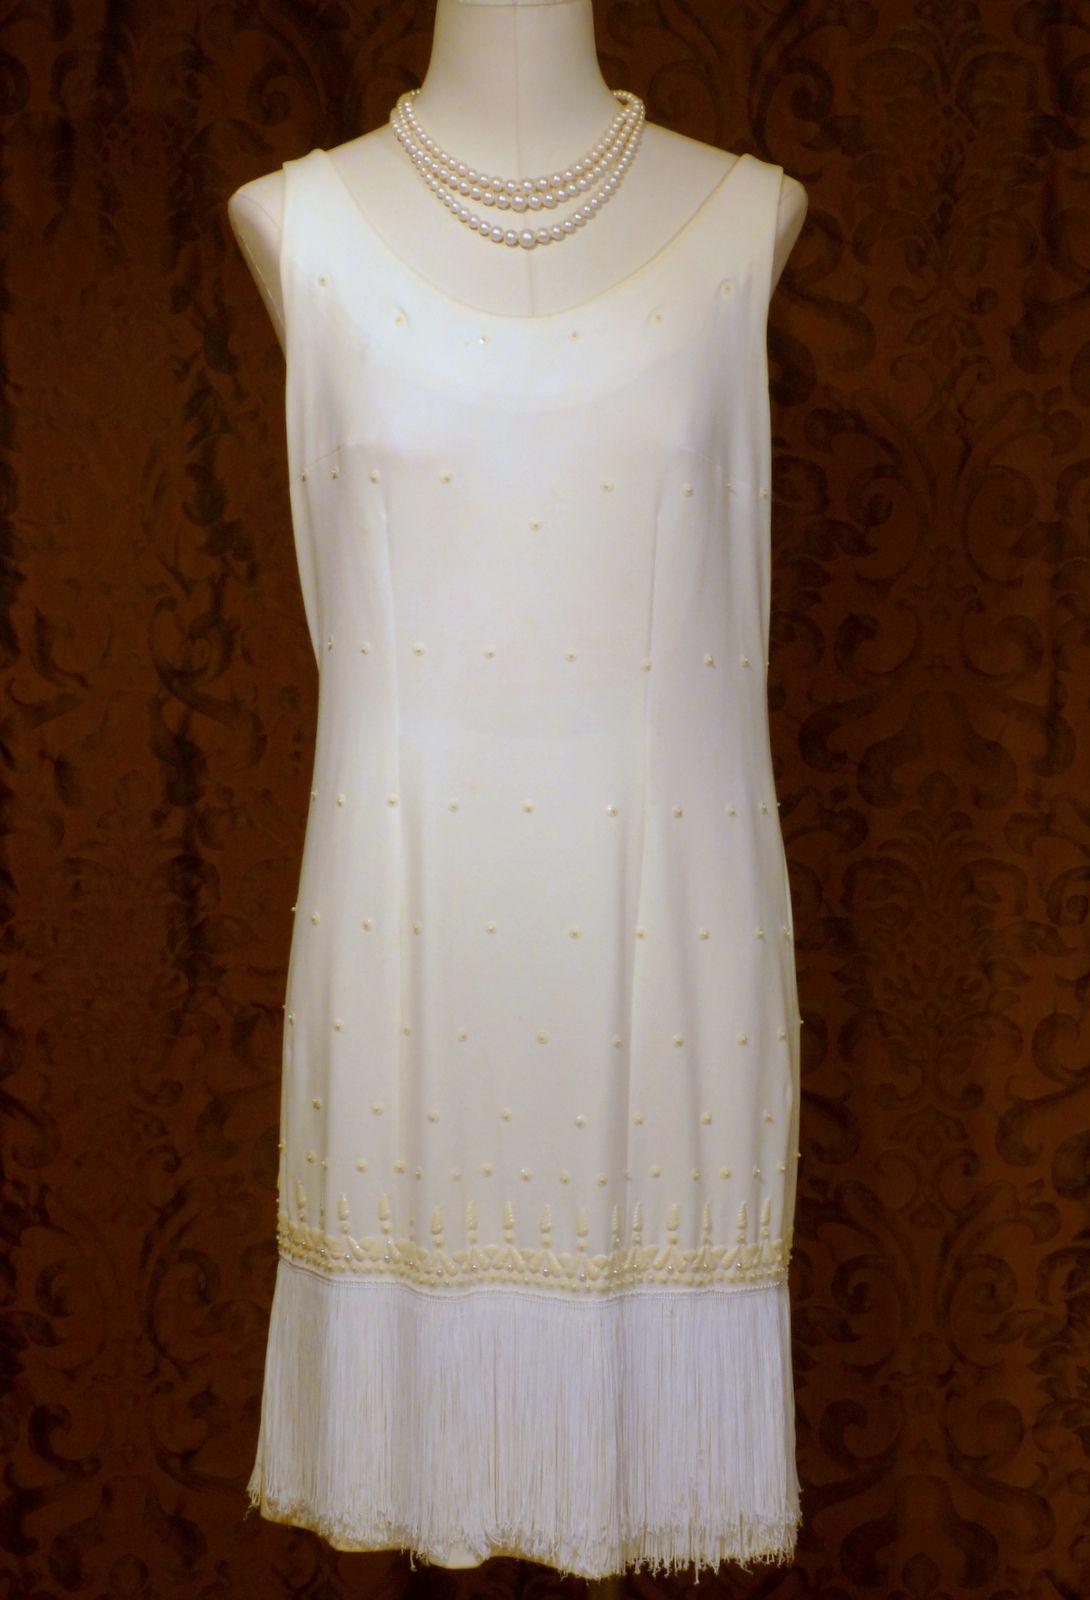 Location de robe de mari e vintage charleston laurence location location de robe - Robe de mariee charleston ...